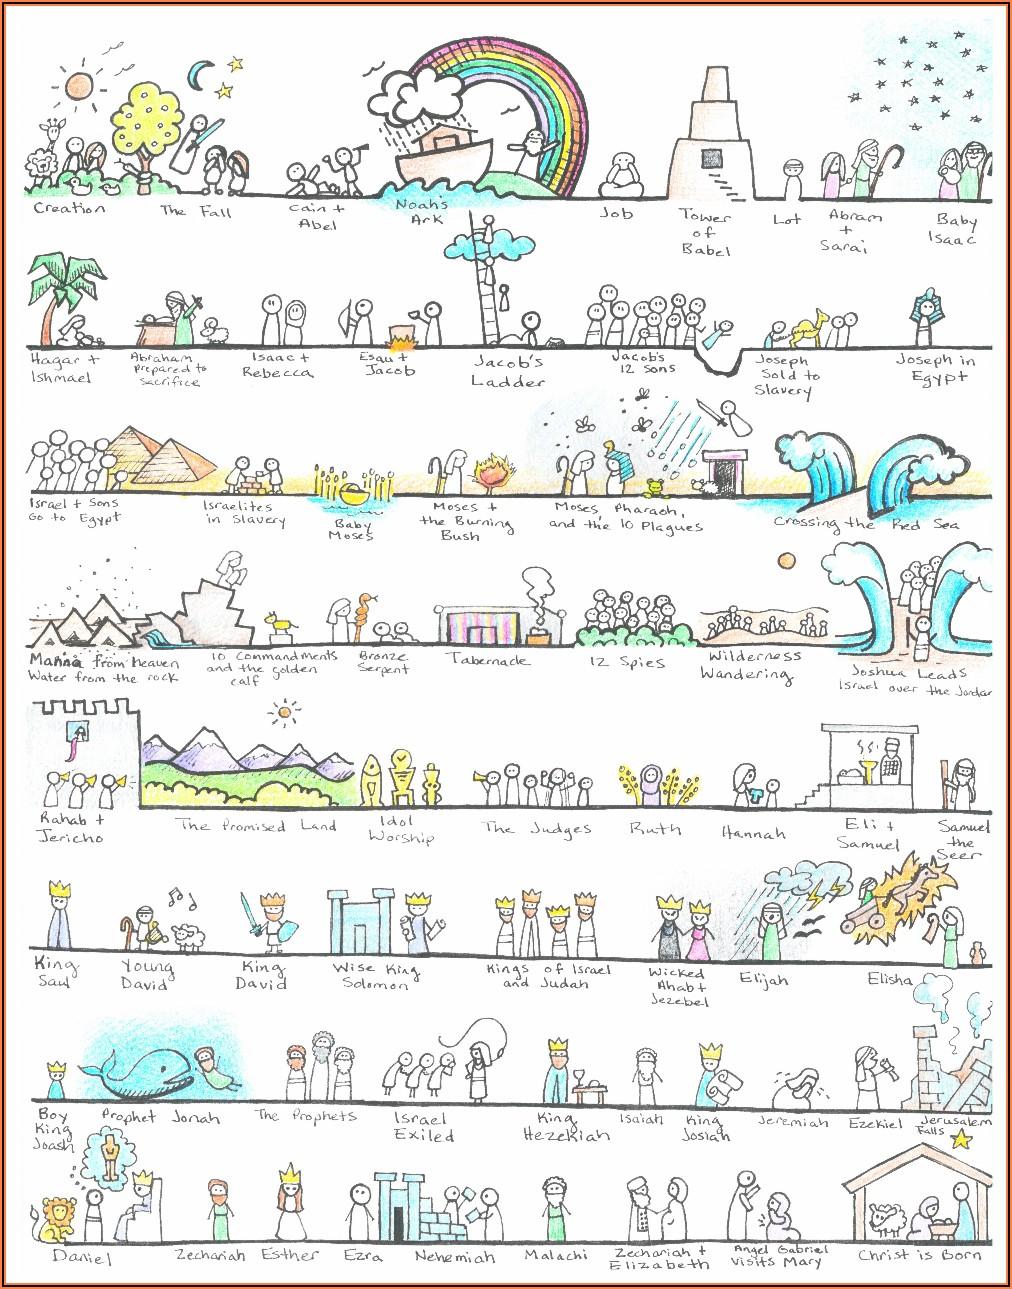 Old Testament Timeline Poster